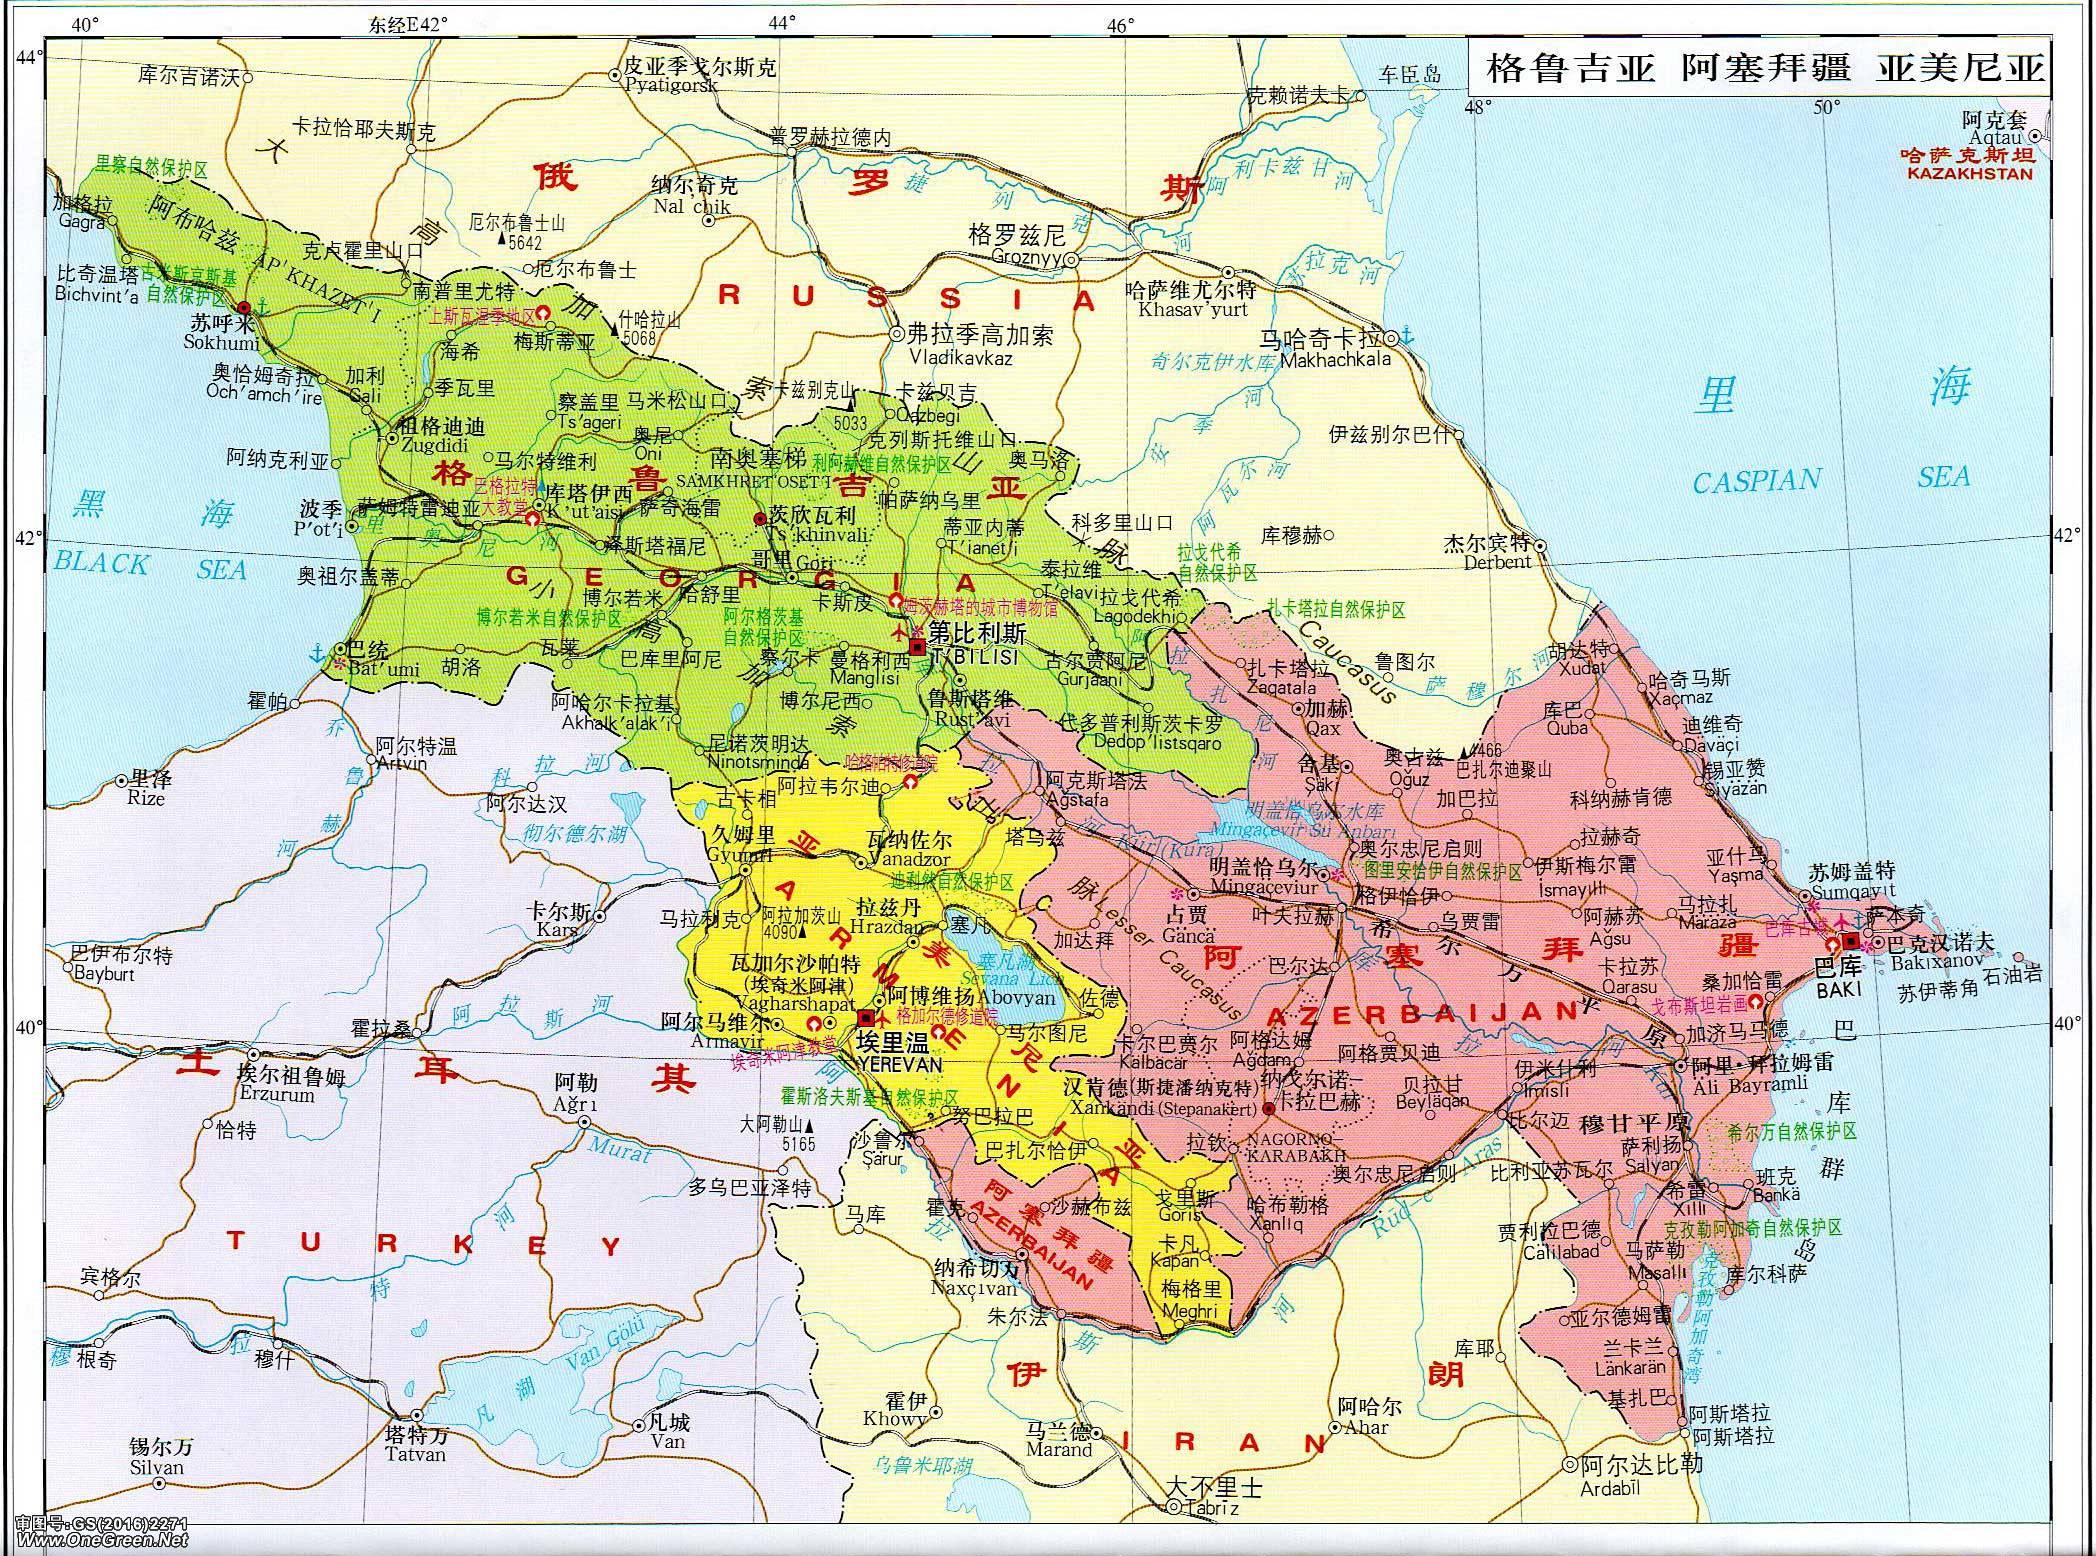 哈萨克斯坦中文地图_亚美尼亚地图_亚美尼亚地图库_地图窝